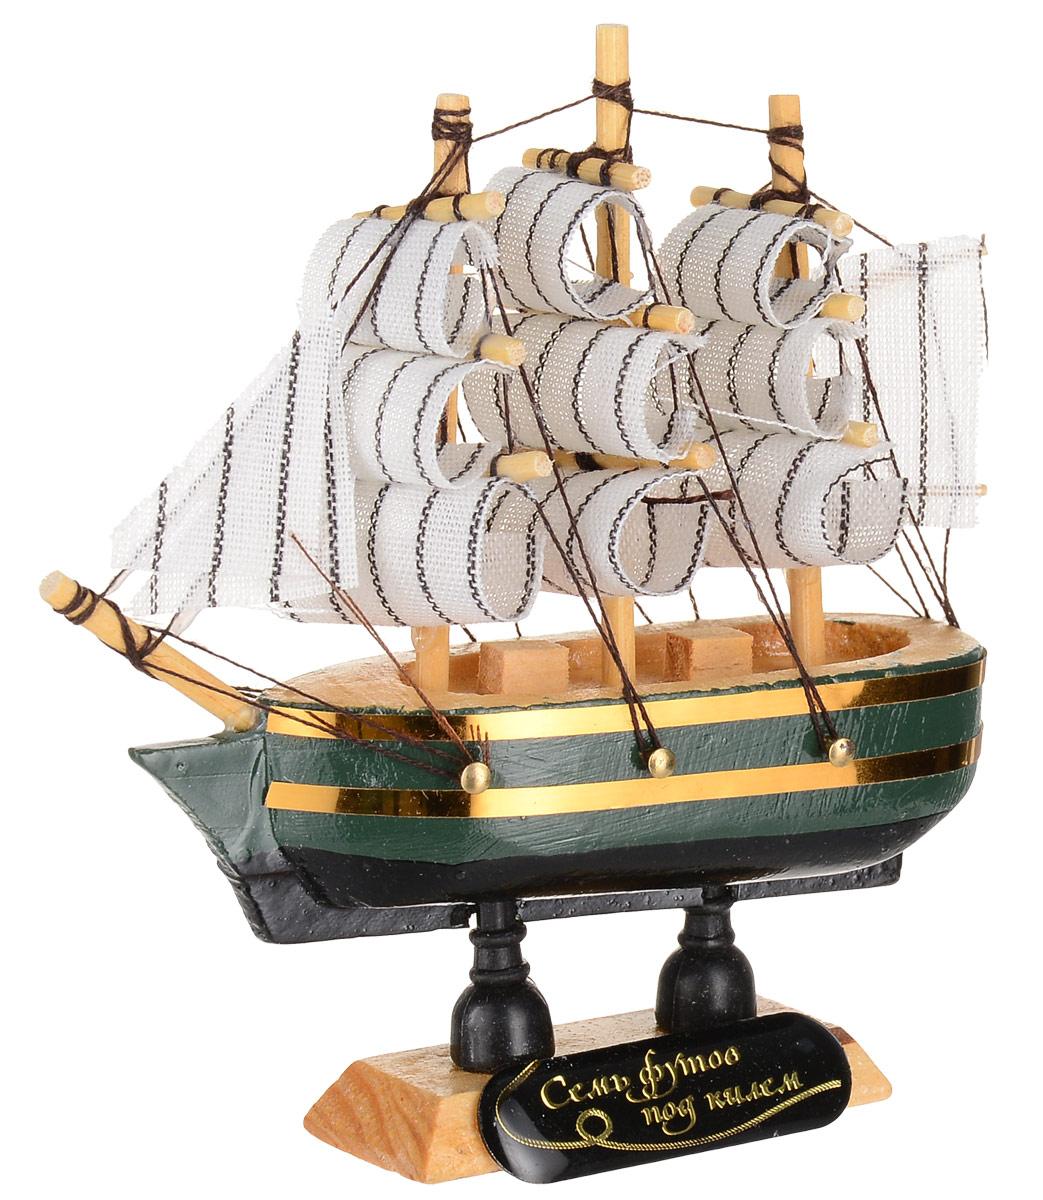 """Сувенирный корабль """"Семь футов под килем"""", изготовленный из дерева и текстиля,  это великолепный элемент  декора рабочей зоны в офисе или кабинете. Корабль с парусами помещен на  деревянную подставку. Время идет, и мы становимся свидетелями развития  технического прогресса, новых учений и практик. Но одно не подвластно времени  - это любовь человека к морю и кораблям.  Сувенирный корабль наполнен историей и силой океанских вод.  Данная модель кораблика станет отличным подарком для всех любителей  морей, поклонников историй о покорении океанов и неизведанных земель.  Модель корабля - подарок со смыслом. Издавна на Руси считалось, что корабли  приносят удачу и везение. Поэтому их изображения, фигурки и точные копии  всегда присутствовали в помещениях.  Удивите себя и своих близких необычным презентом."""